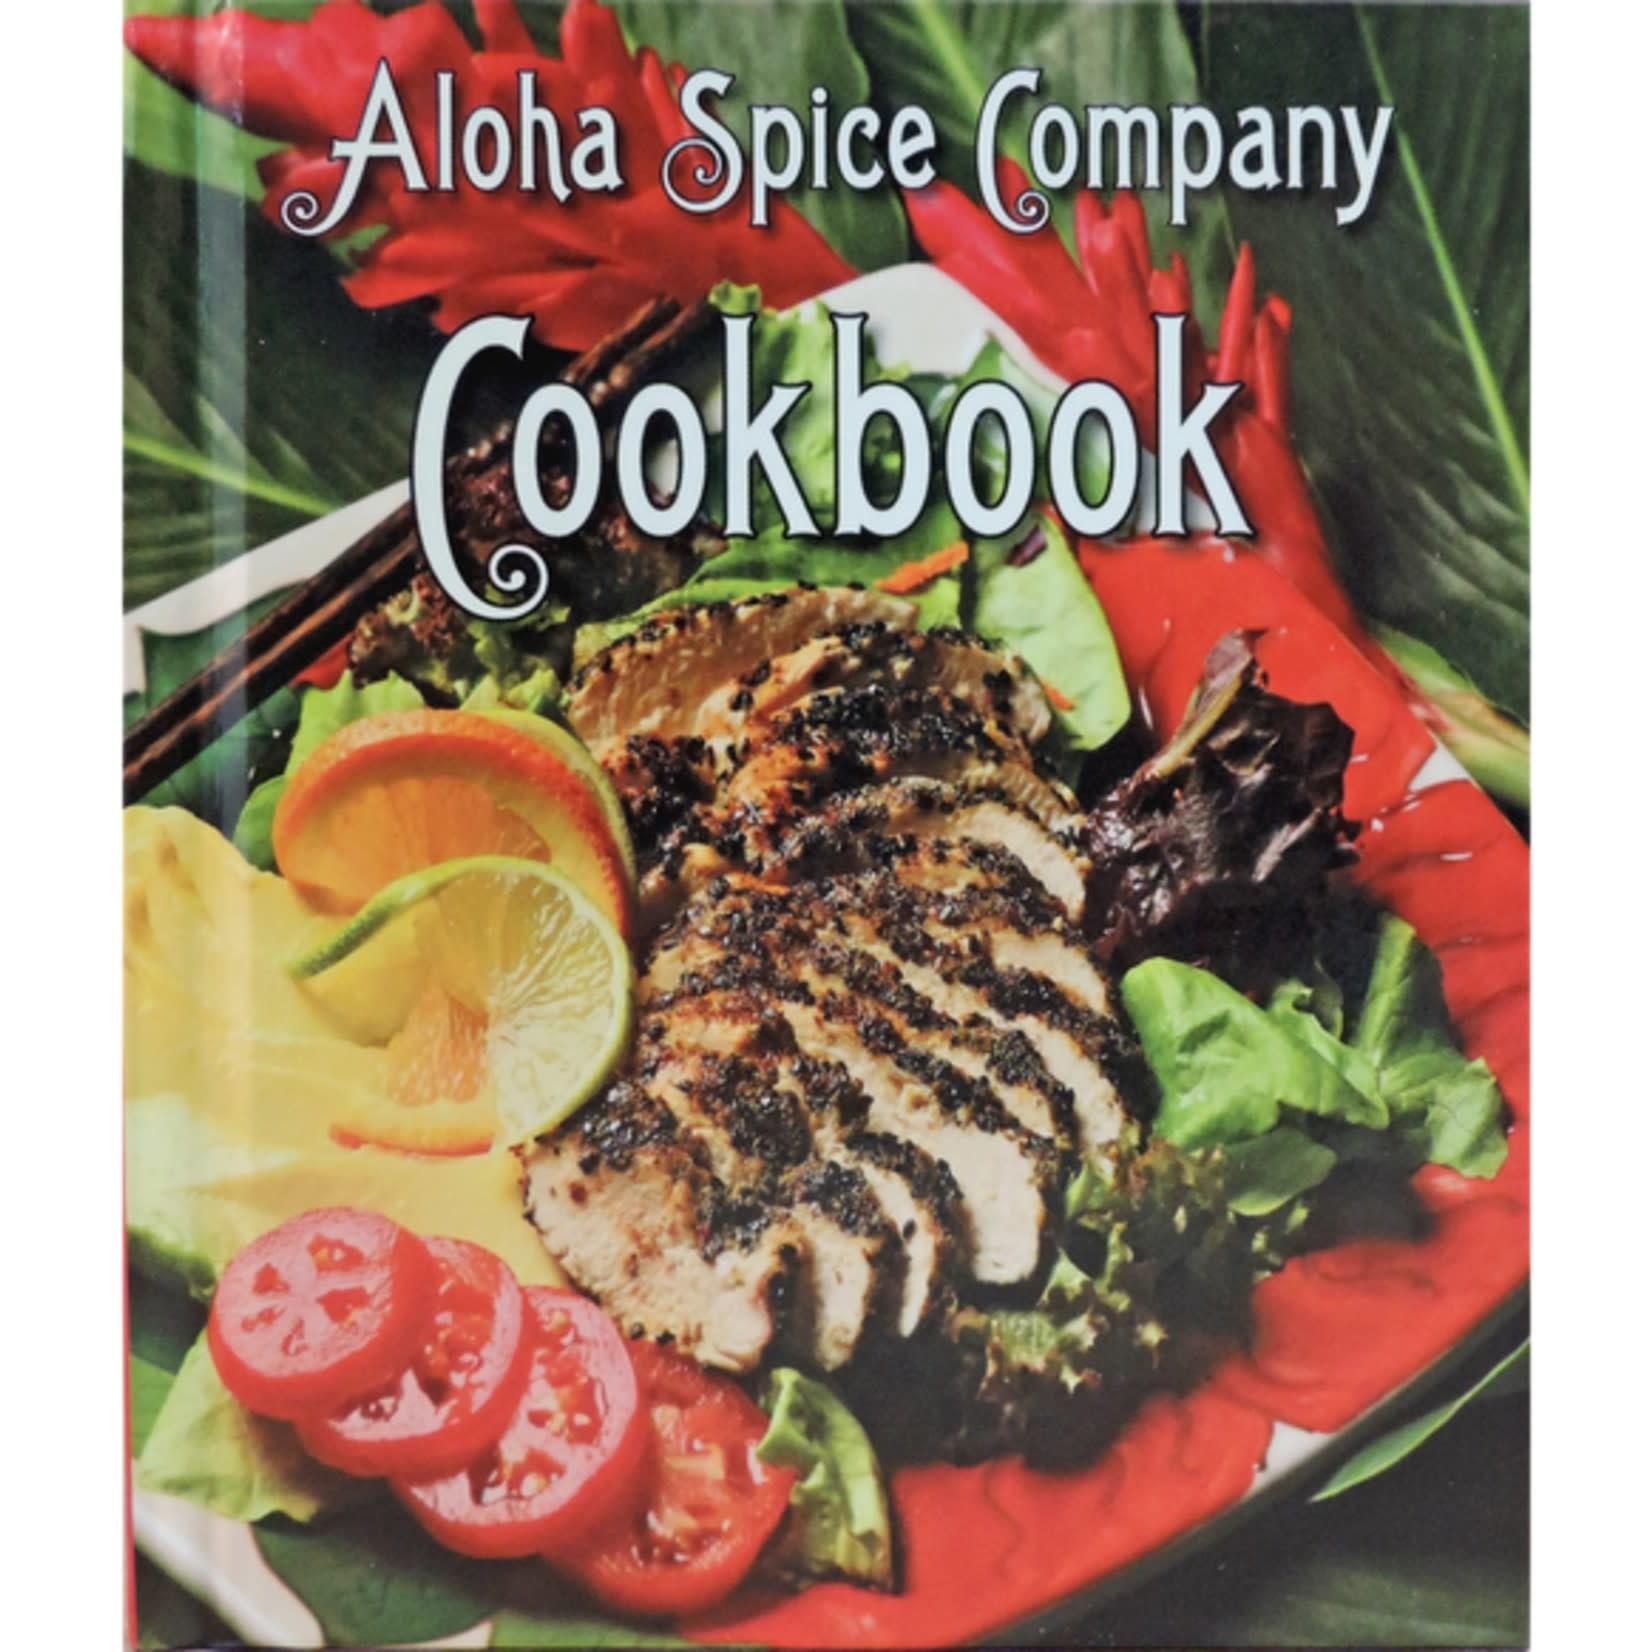 Aloha Spice Co. Aloha Spice Cookbook